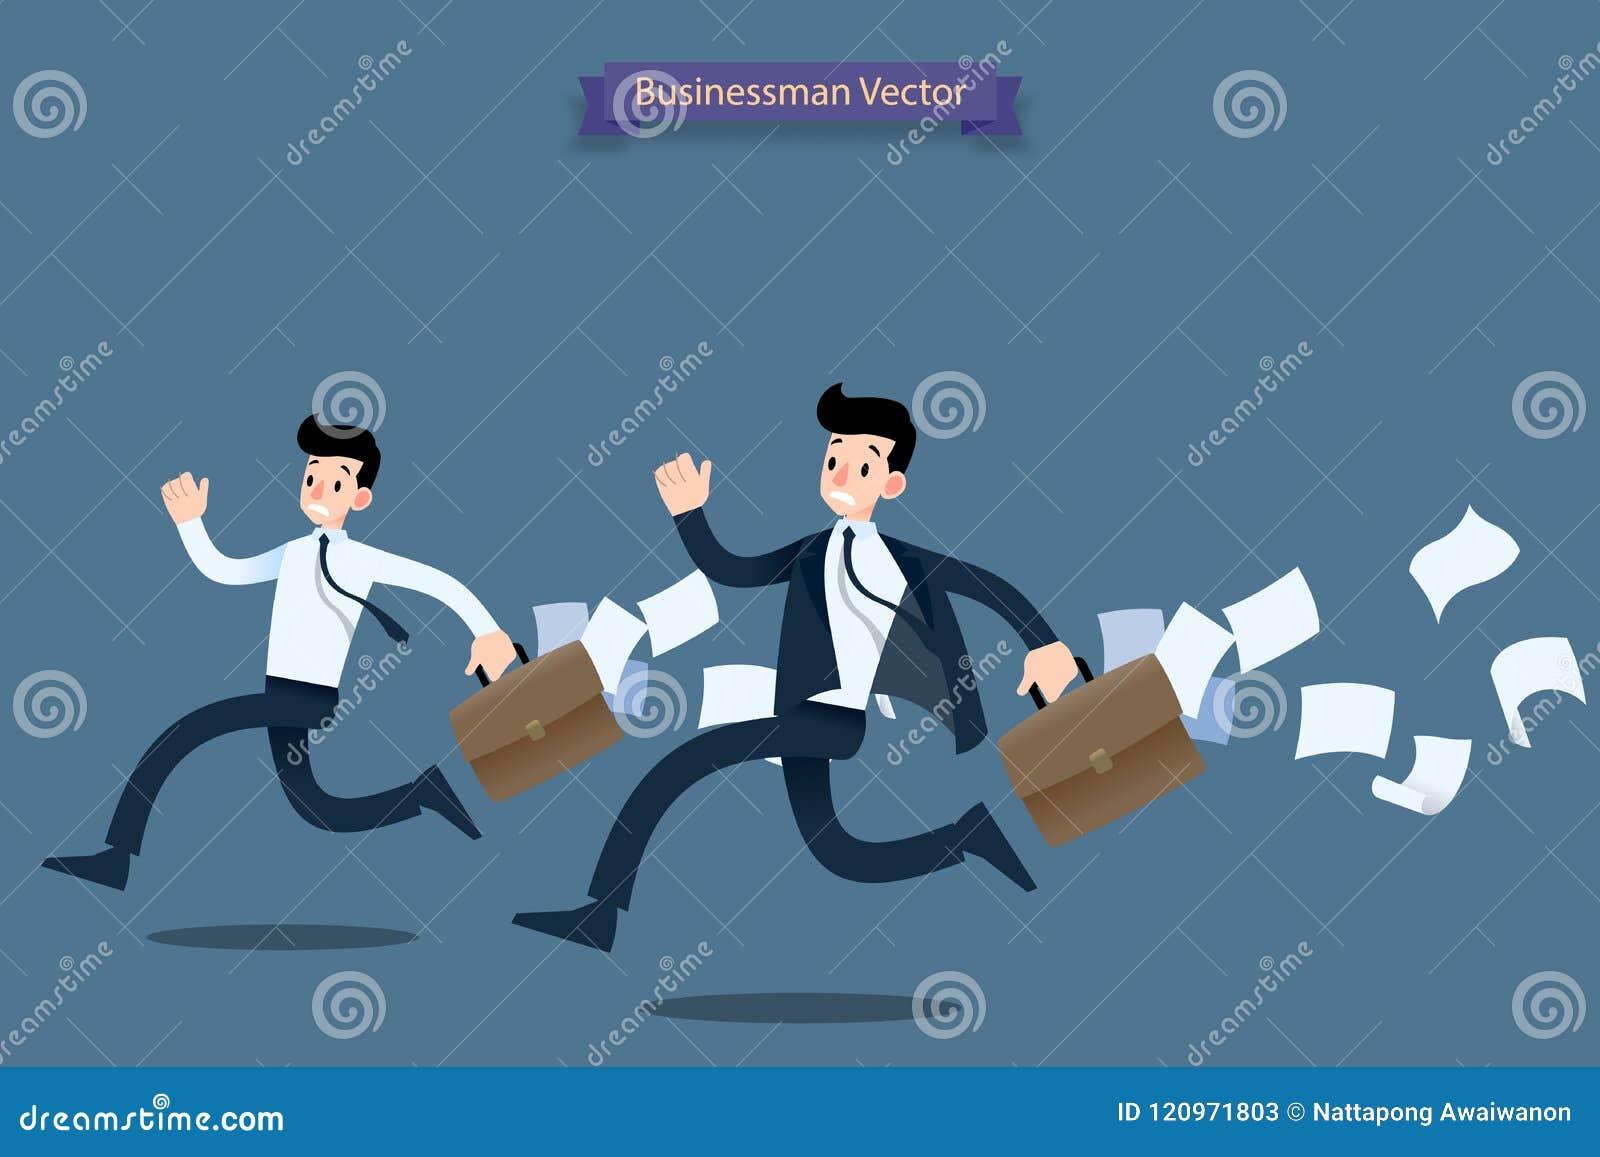 商人赛跑仓促急忙由后与后边手提箱一起使用和落的非常繁忙纸和的感受